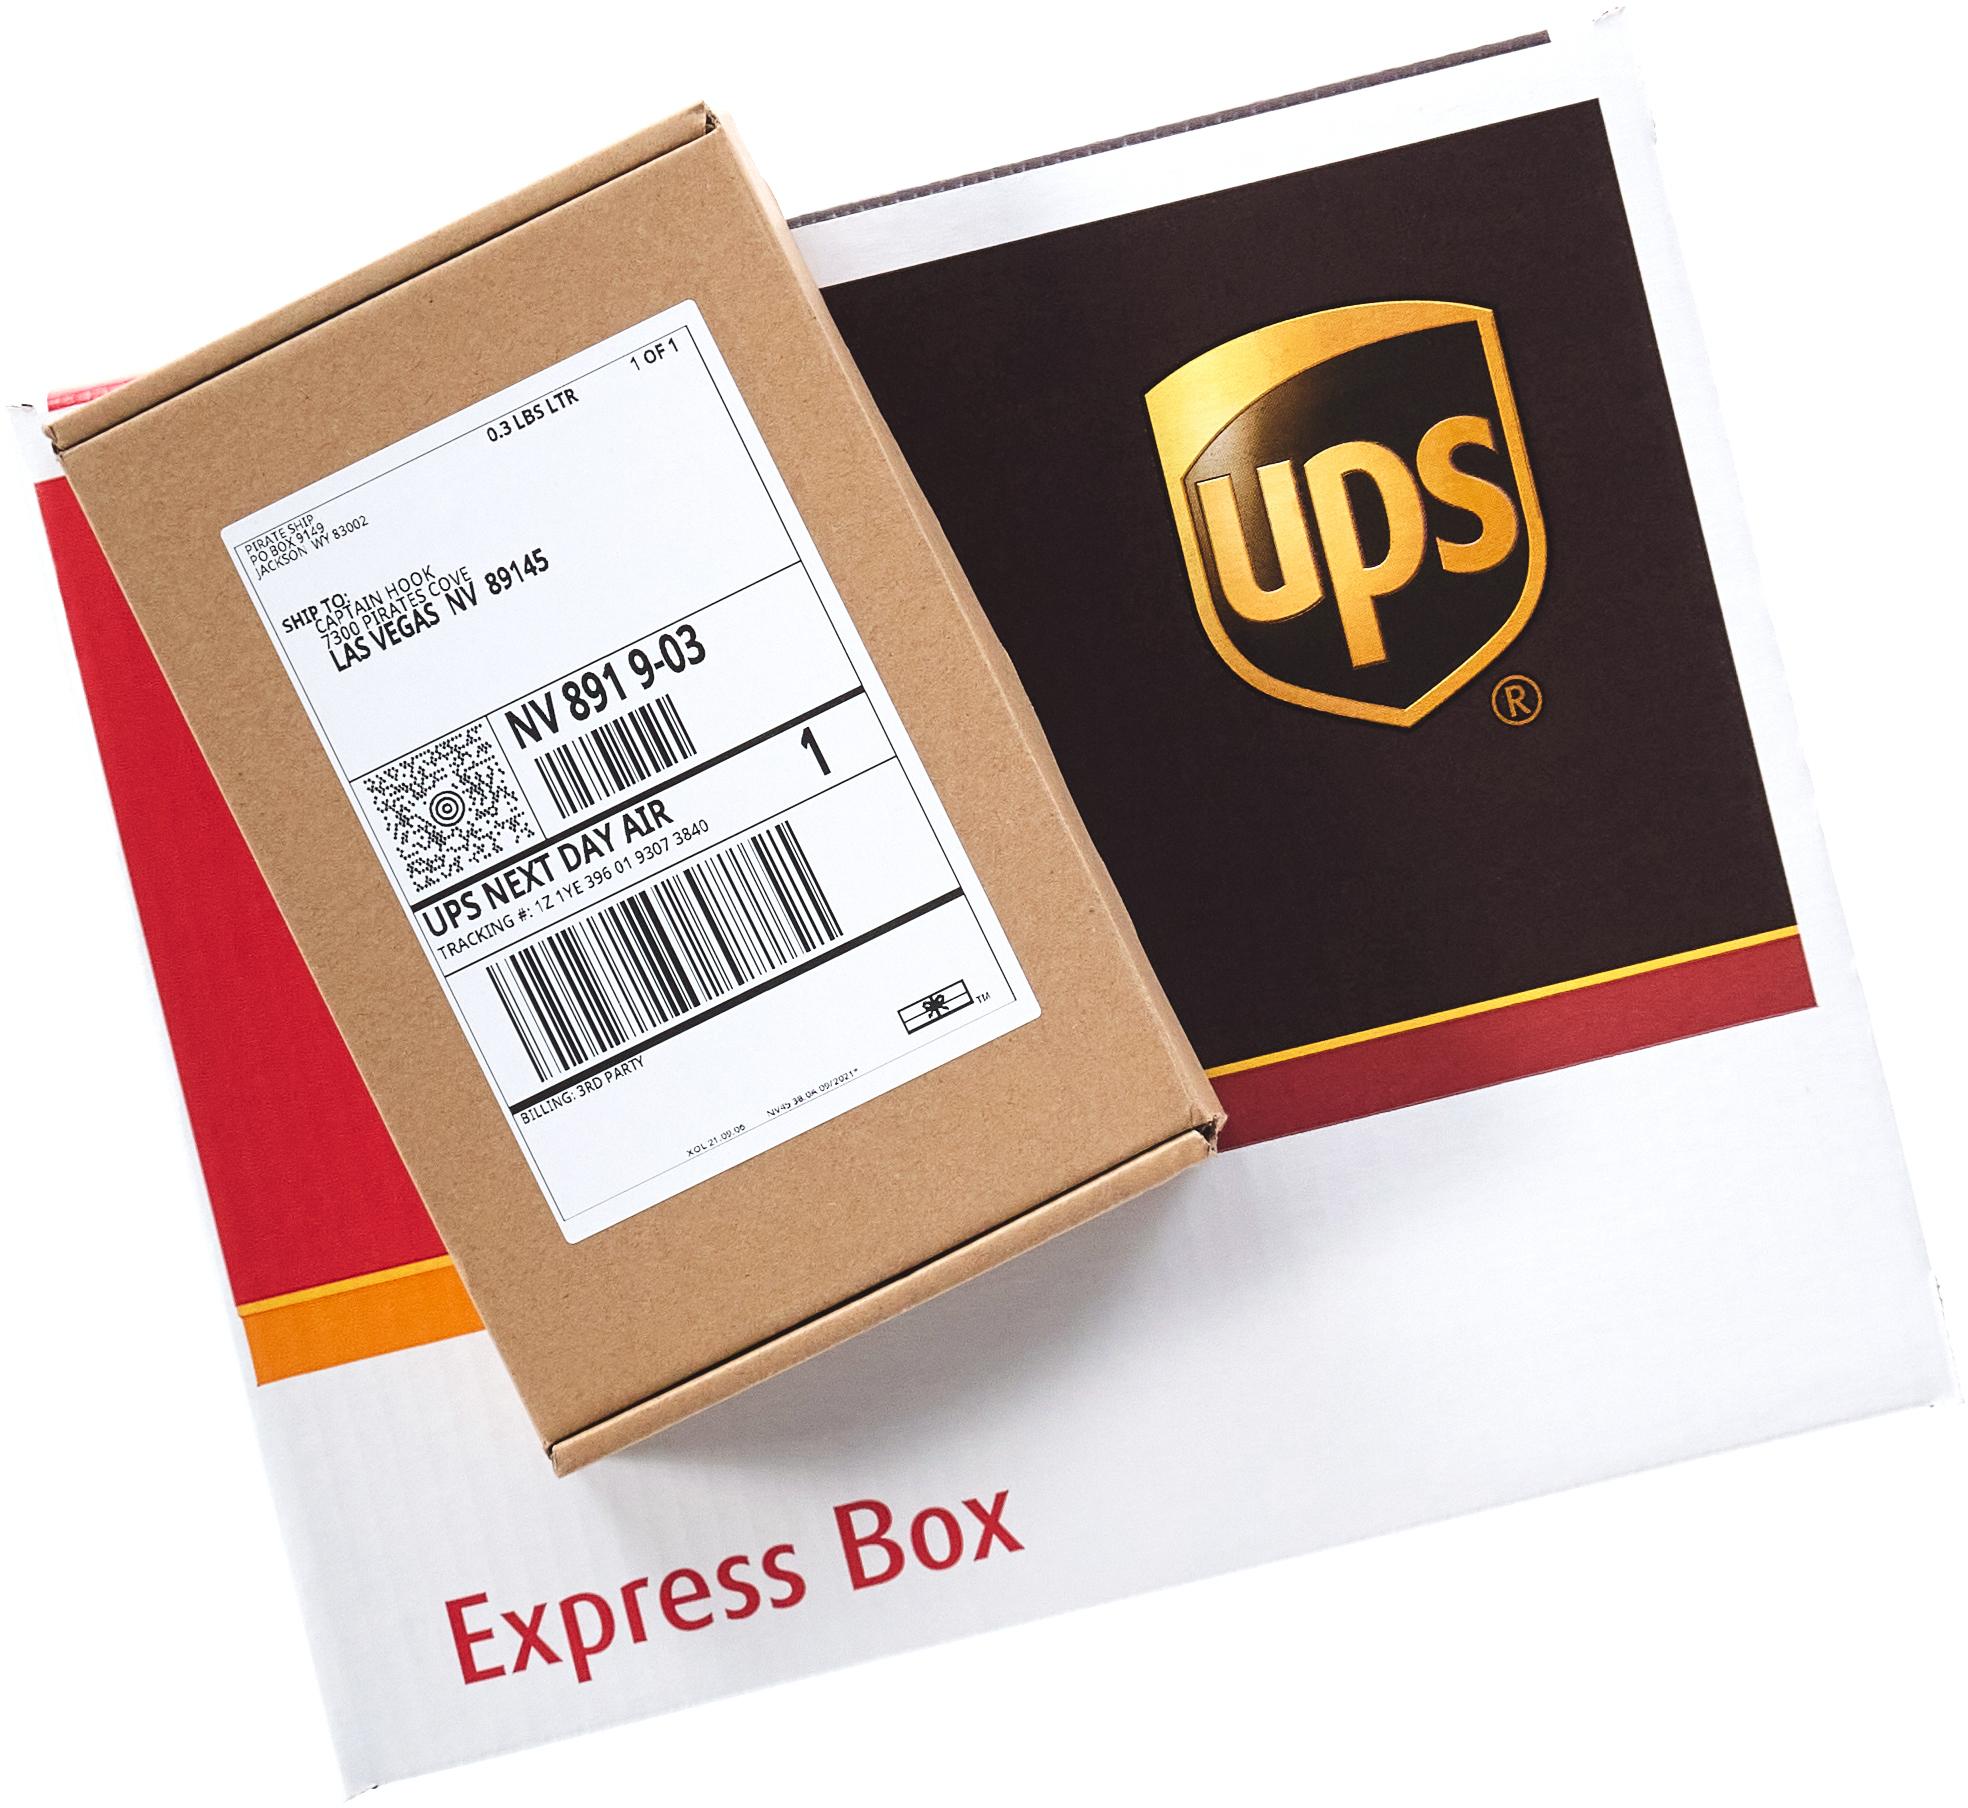 UPS Next Day Air Express Boxes